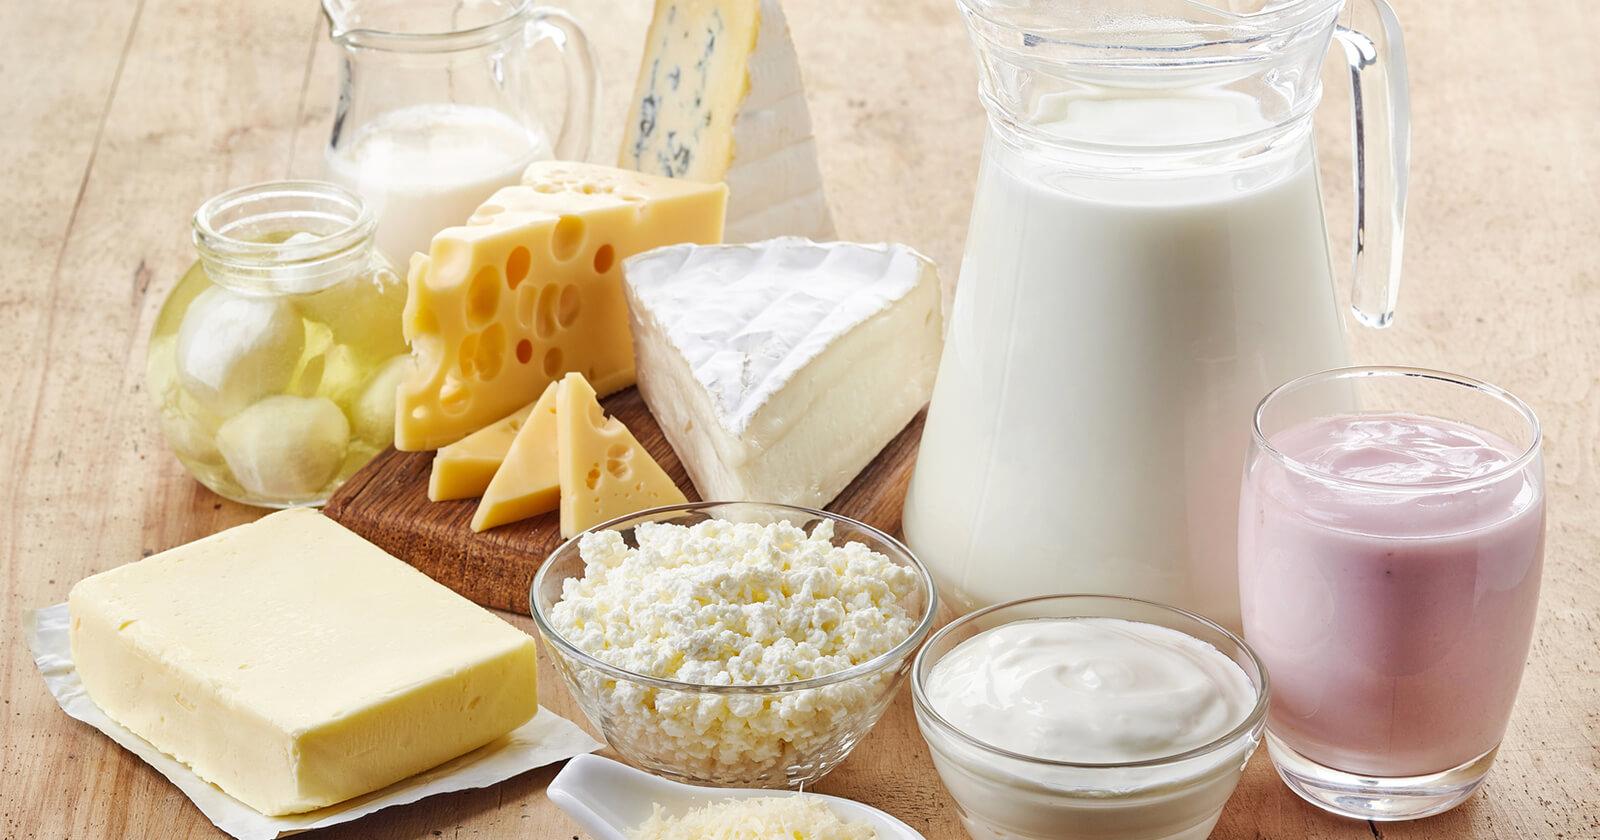 Verschiedene Milchprodukte, die Calcium enthalten.